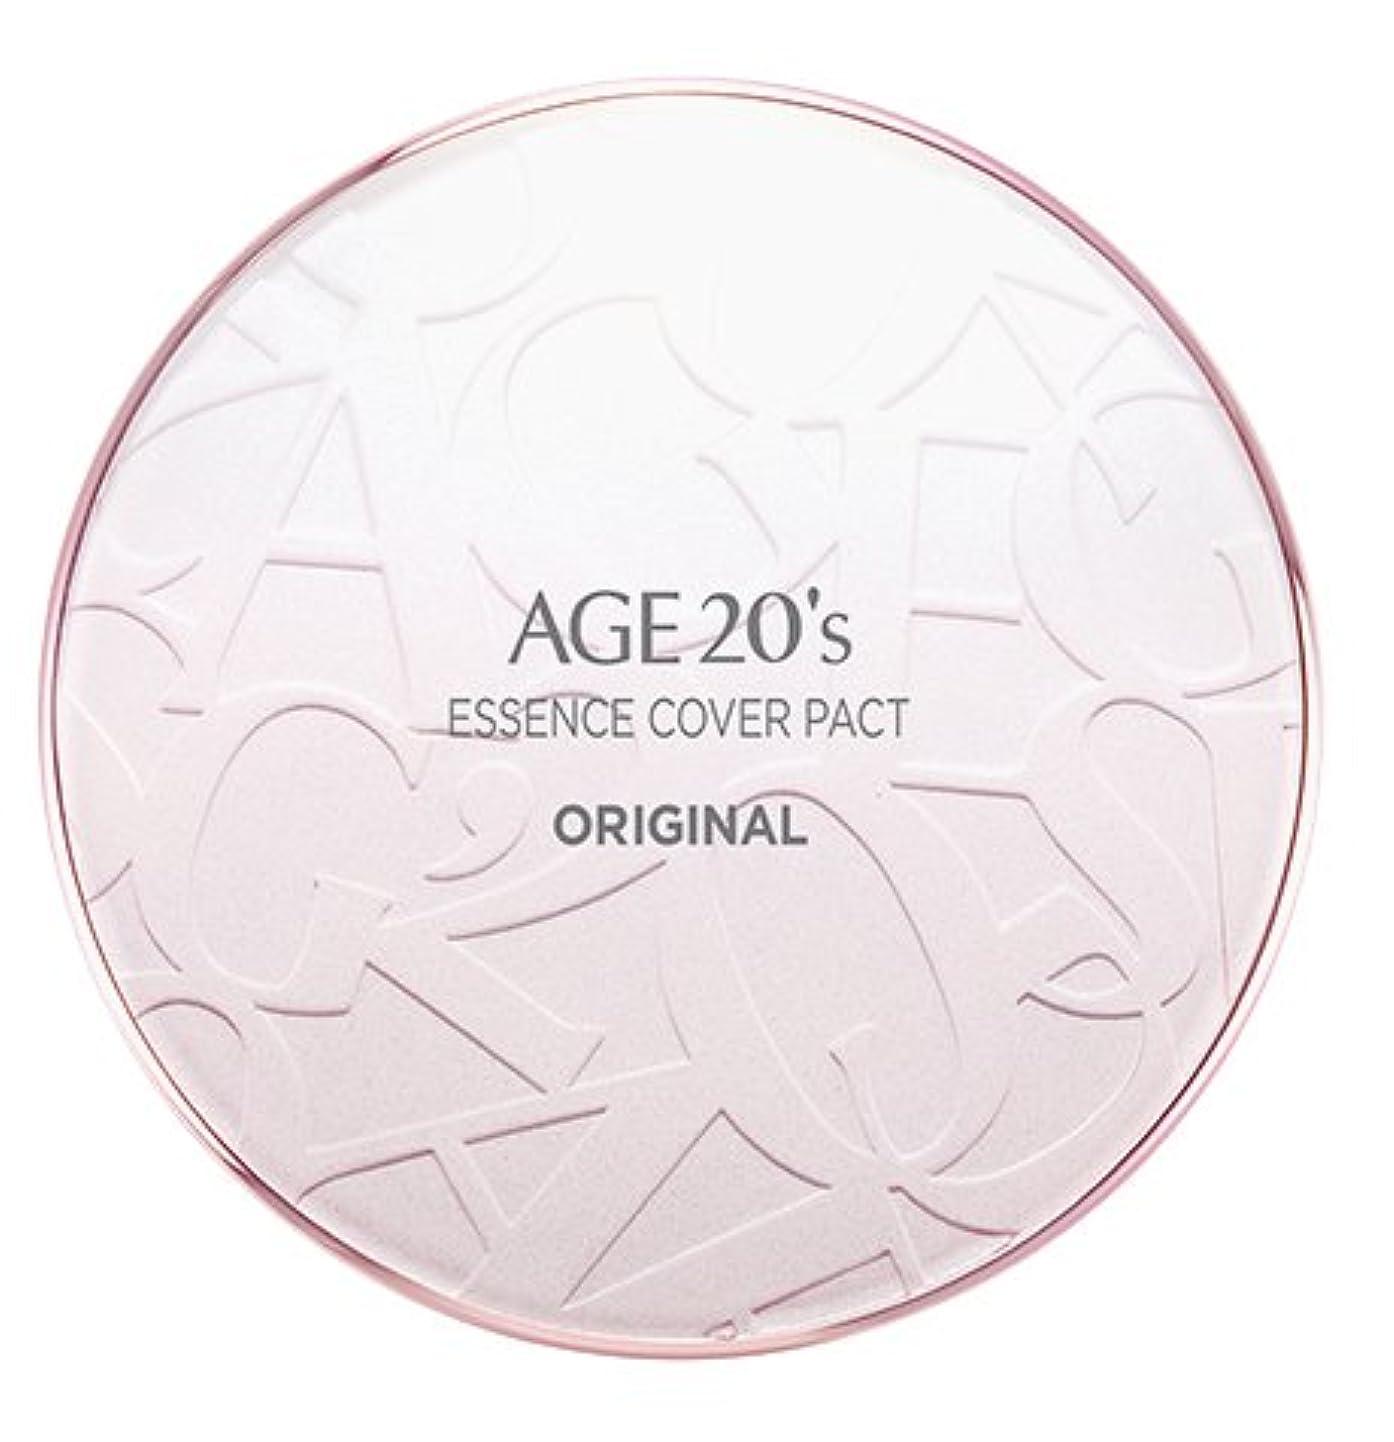 サスペンションコンパニオン飢えたAGE 20's Essence Cover Pact Original [Pink Latte] 12.5g + Refill 12.5g (#21)/エイジ 20's エッセンス カバー パクト オリジナル [ピンクラテ...